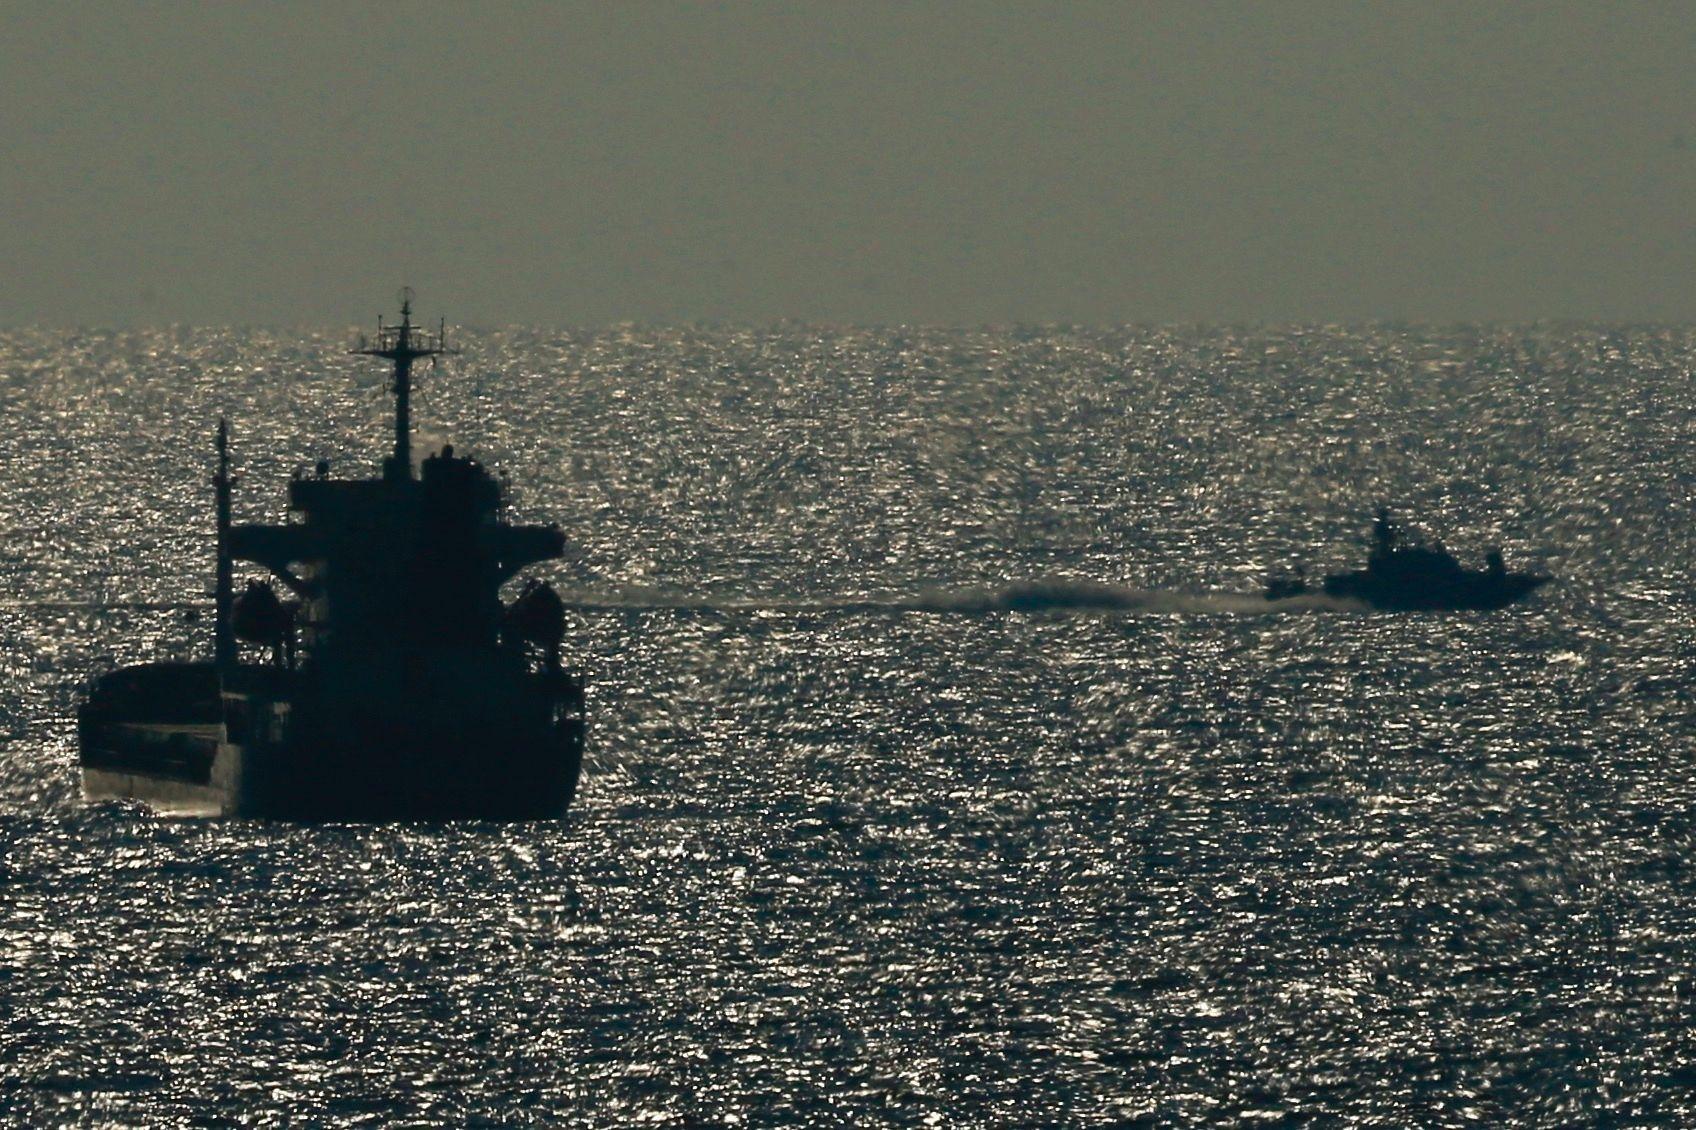 ISRAELSK FARTØY: Israelske marinefartøy utenfor havnebyen søndag, samme dag som den norske fiskebåten Kårstein ble stanset.